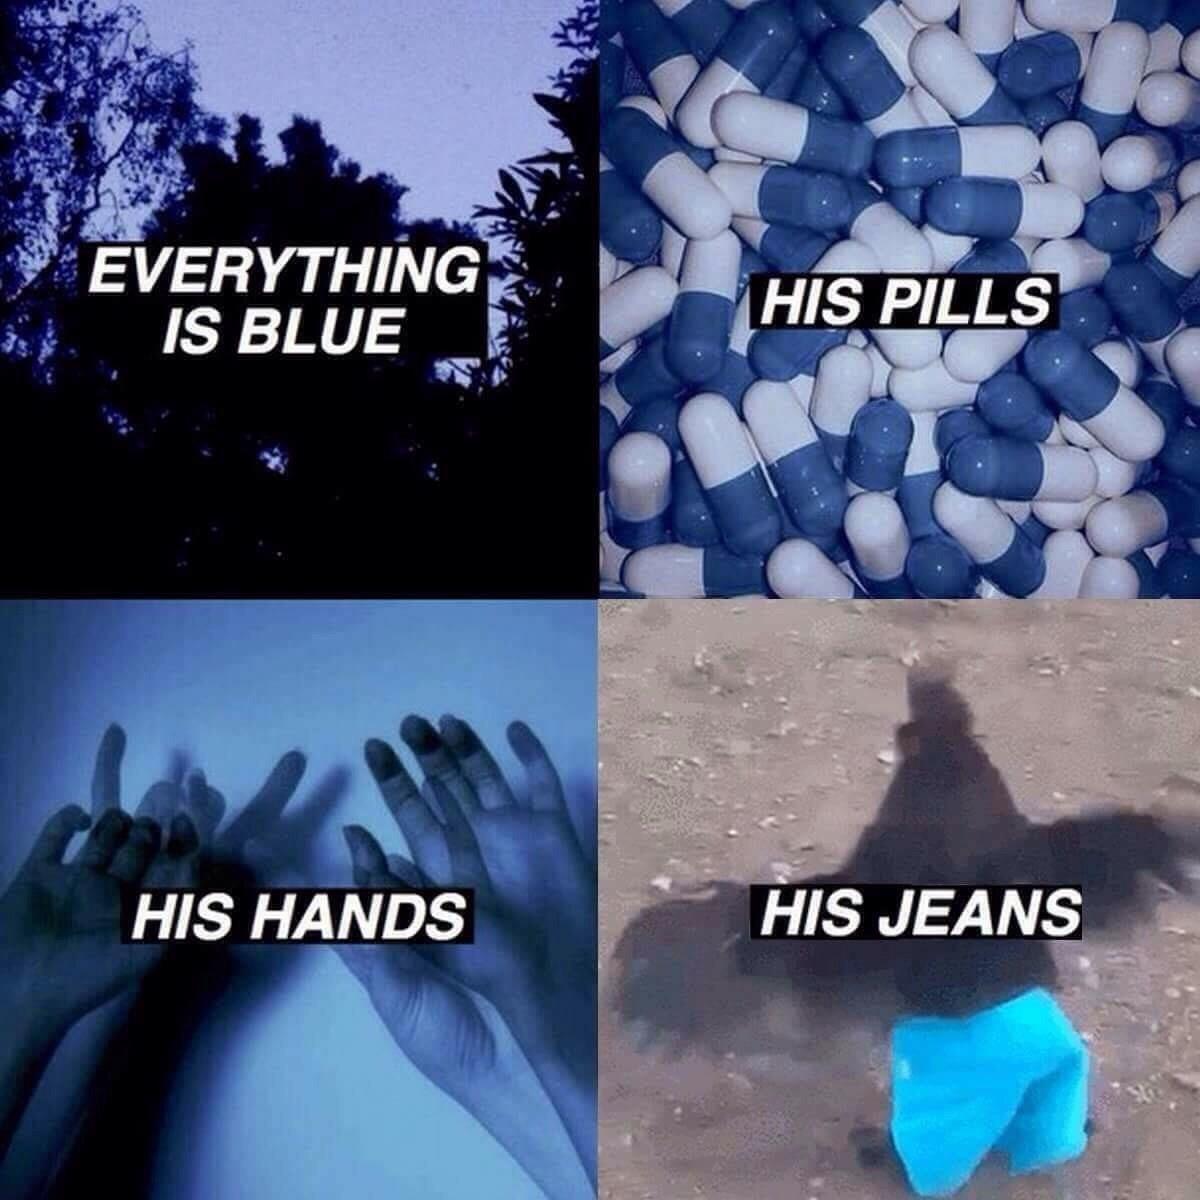 I'm blue dabu di dabu da dabudidabuda! - meme